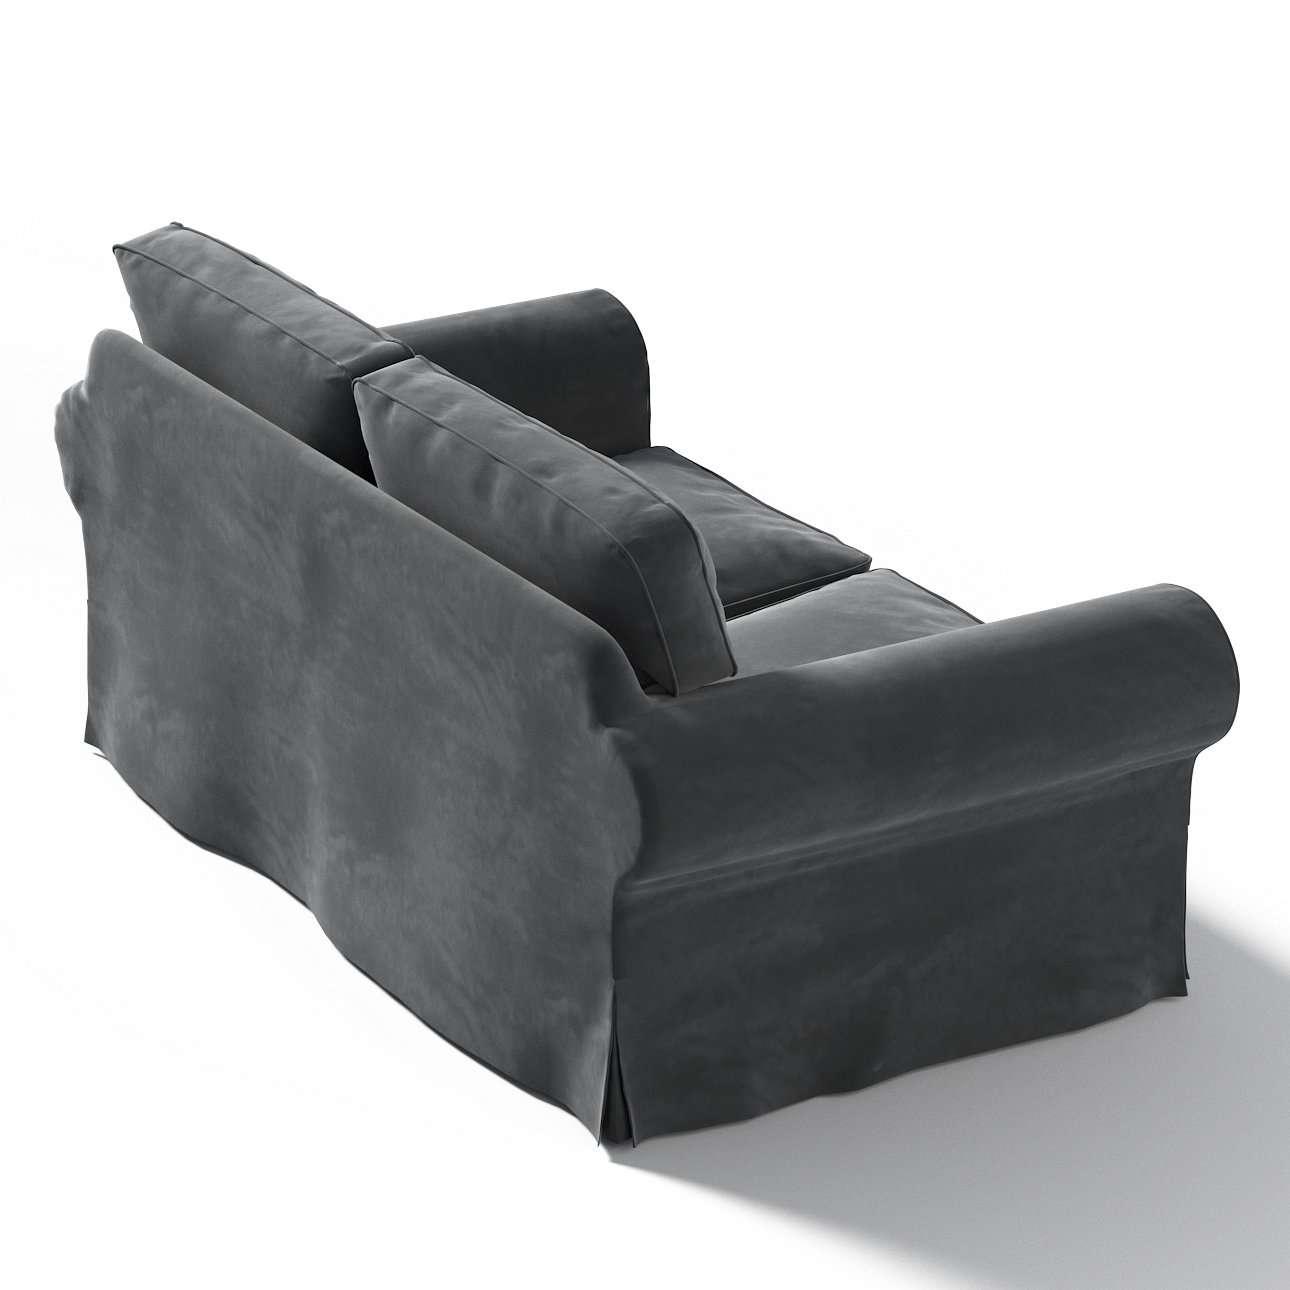 Pokrowiec na sofę Ektorp 2-osobową, nierozkładaną w kolekcji Velvet, tkanina: 704-17